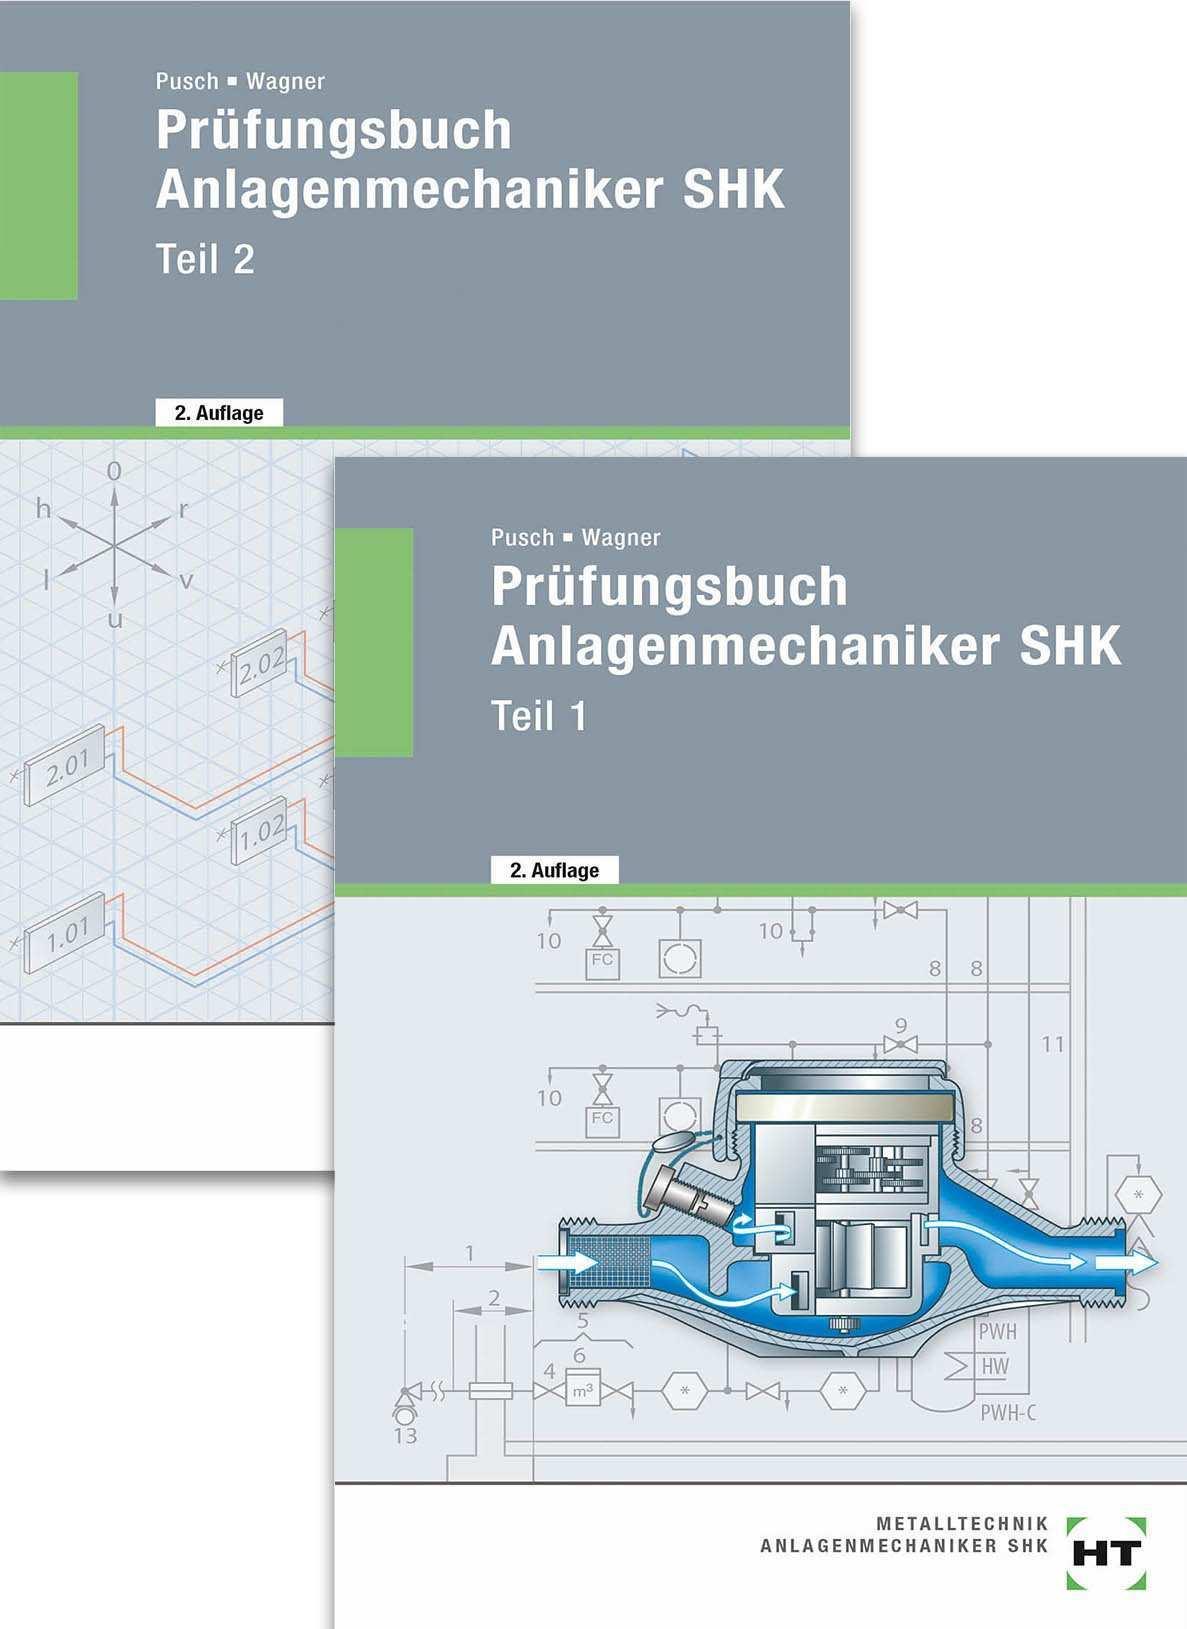 Prufungsbuch Anlagenmechaniker Shk Teil 1 Und Teil 2 Amazon De Peter Pusch Josef Wagner Bucher